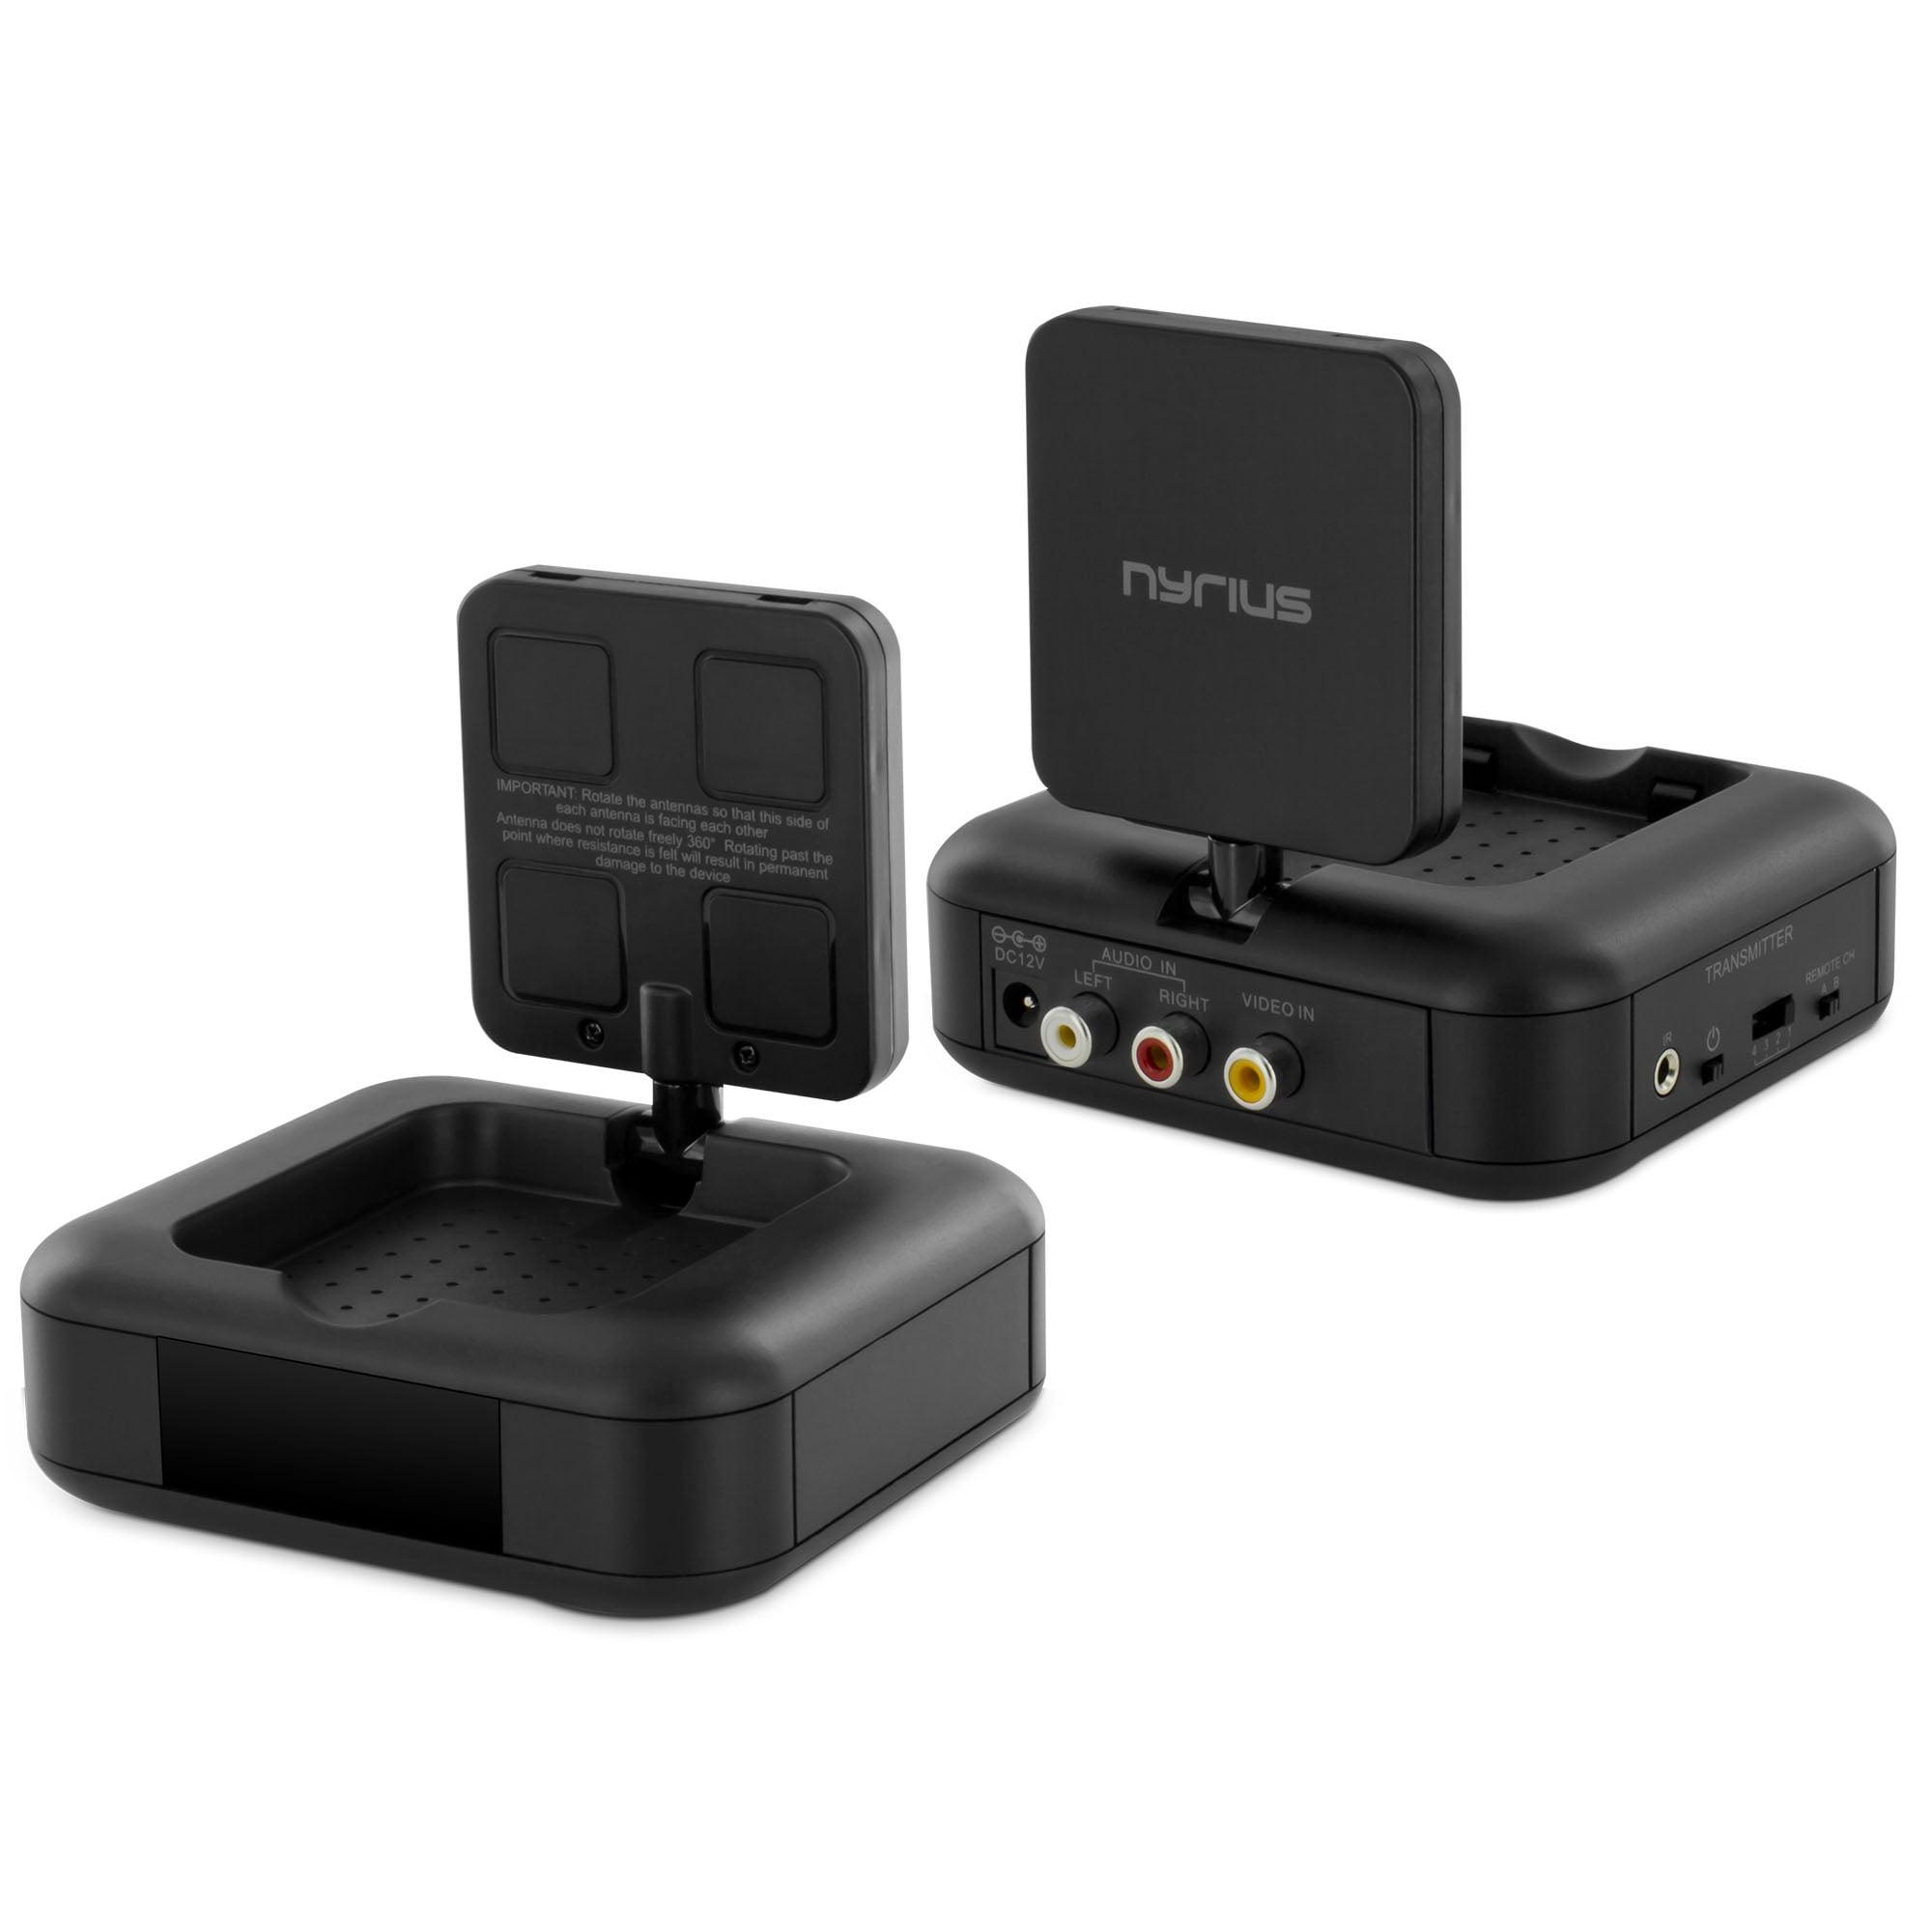 Wireless Tv Channel Wire Center Moonphasesdiagram1jpg Nyrius 5 8ghz 4 Video Audio Sender Transmitter Rh Walmart Ca Verizon